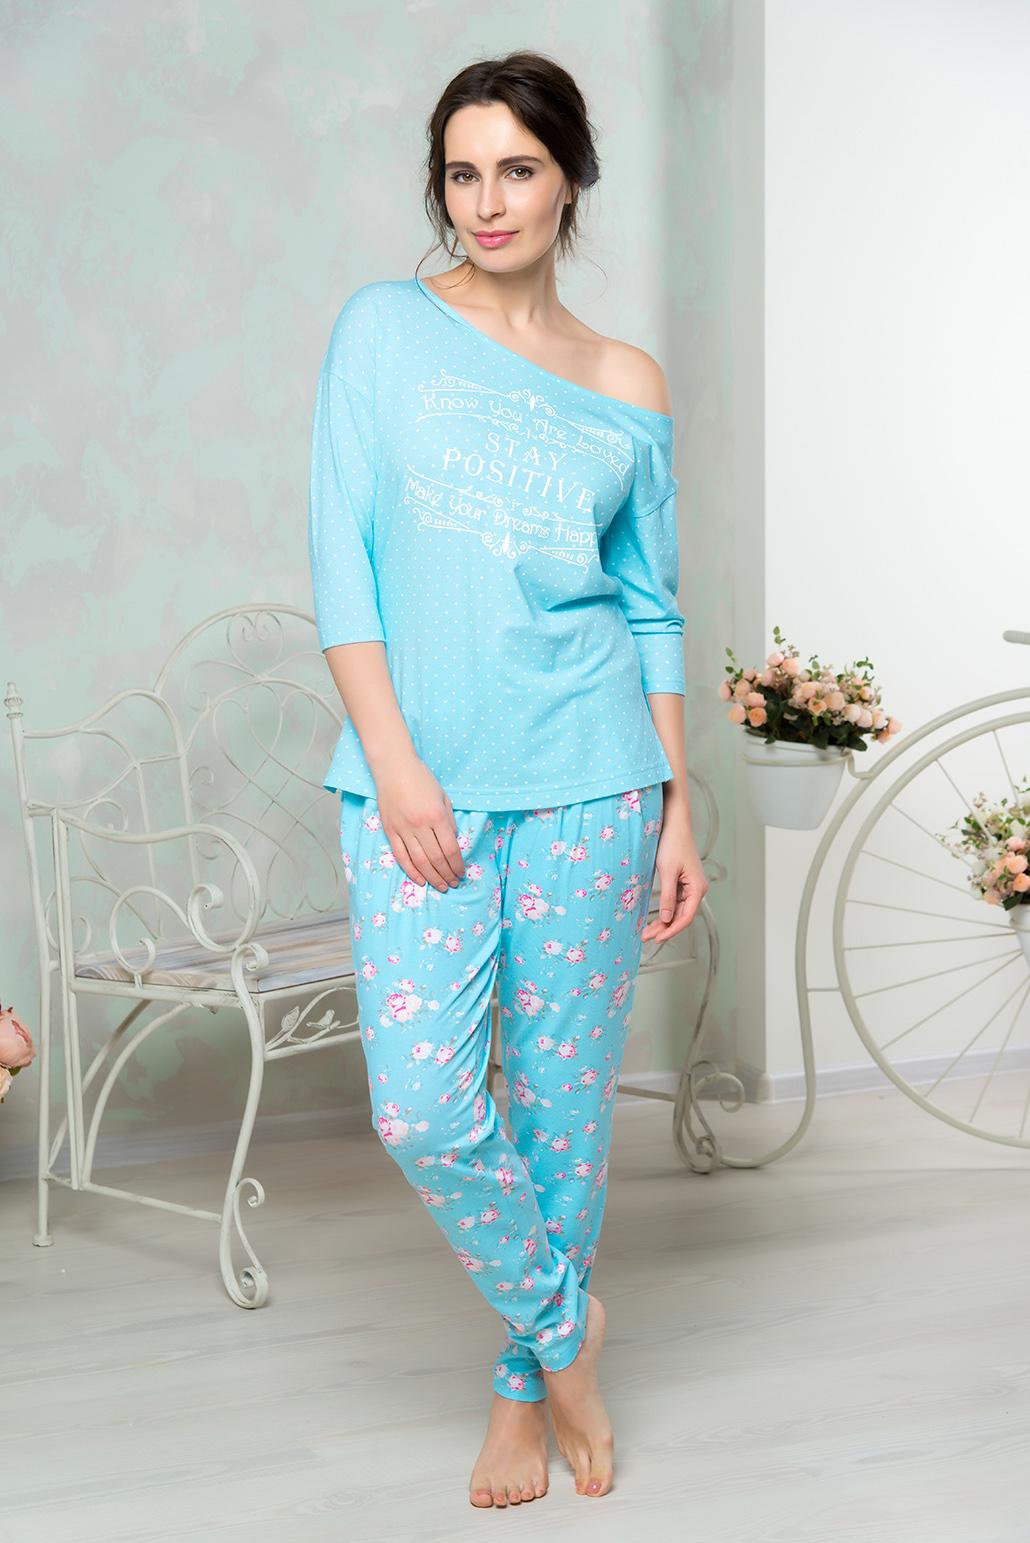 Комплект домашний женский Mia Cara: футболка, брюки, цвет: голубой. AW16-MCUZ-852. Размер 54/56AW16-MCUZ-852Комплект домашний одежды Mia Cara состоит из футболки с рукавами 3/4 и брюк. Модель выполнена из высококачественного хлопка с добавлением эластана. Футболка свободного кроя. Брюки слегка заужены к низу.